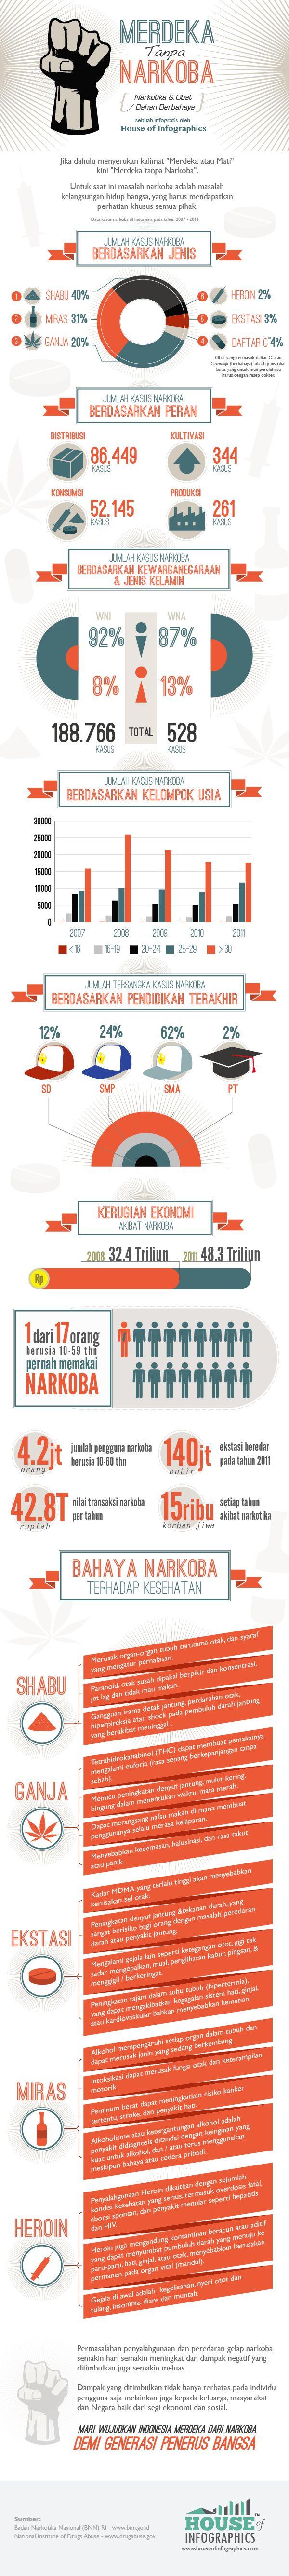 Infografis: Indonesia Merdeka Tanpa Narkoba